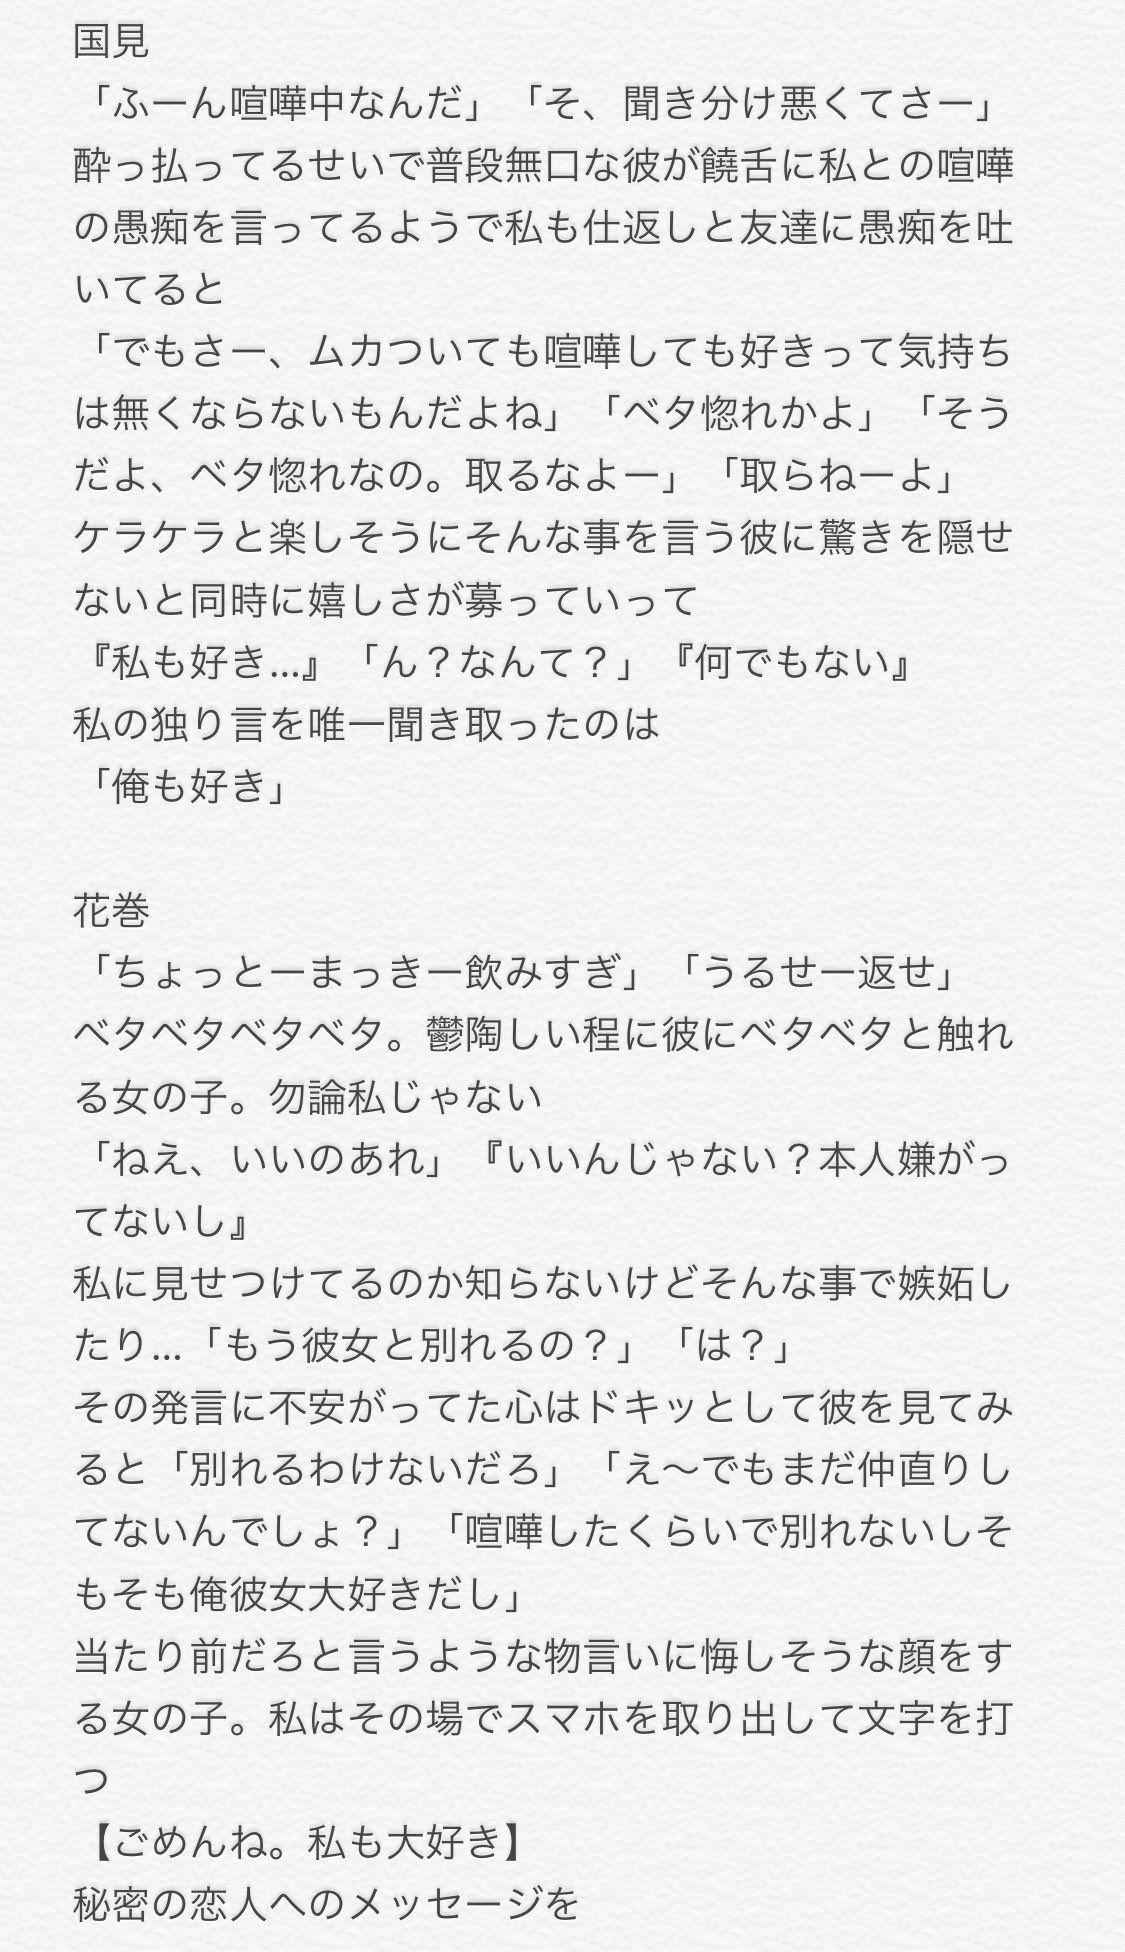 ハイキュー夢小説